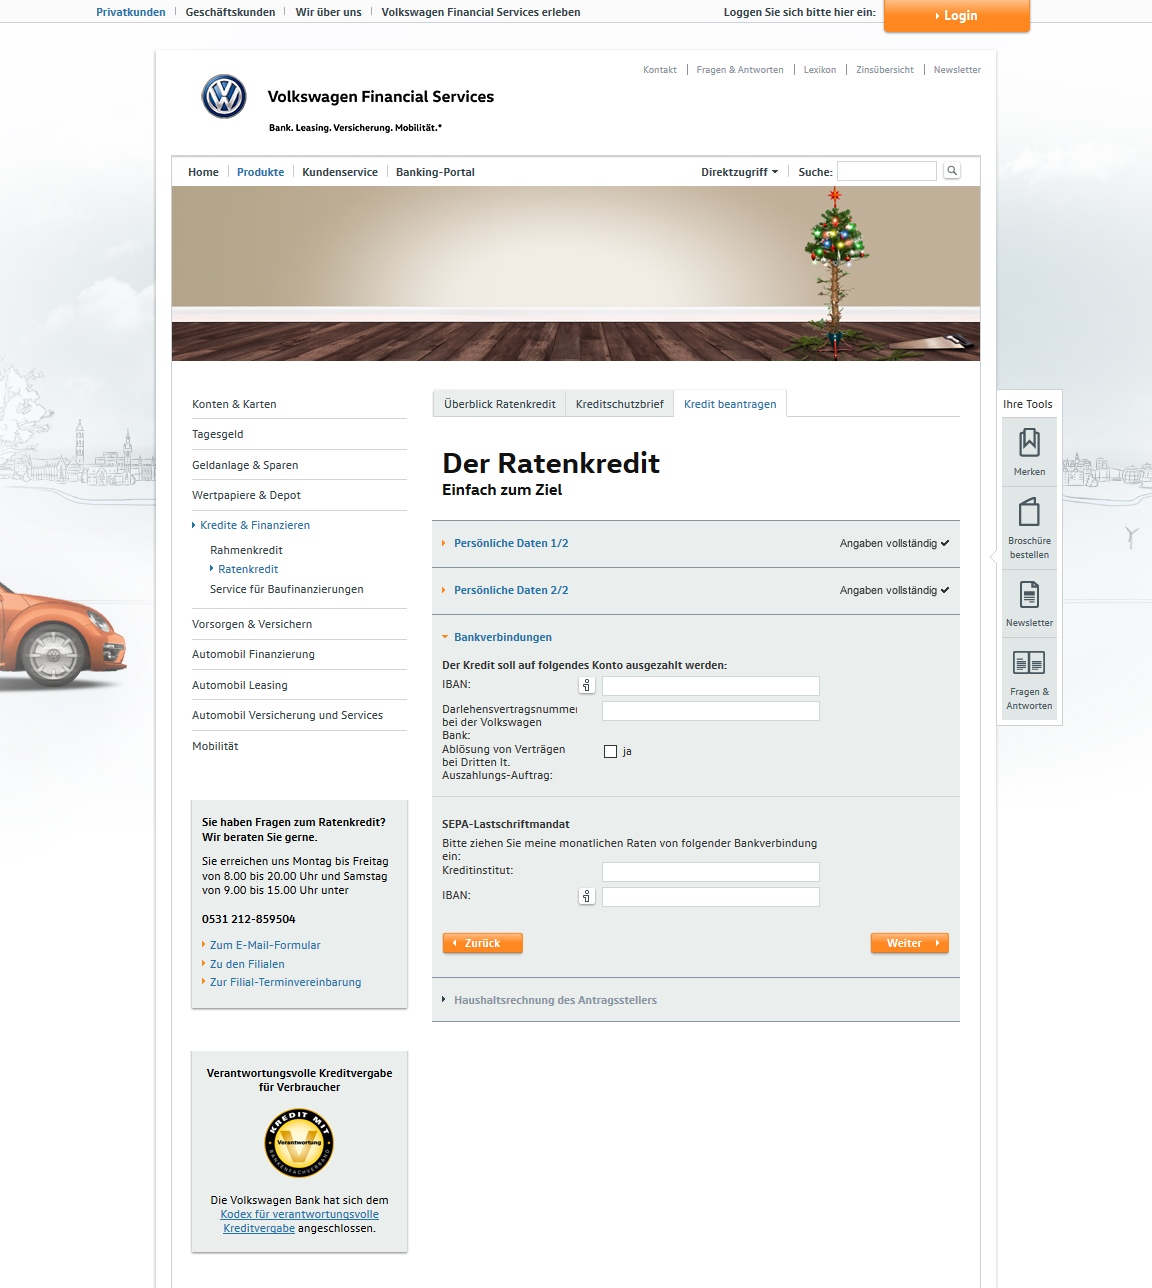 volkswagen bank ratenkredit test und erfahrungsberichte 10 2019. Black Bedroom Furniture Sets. Home Design Ideas